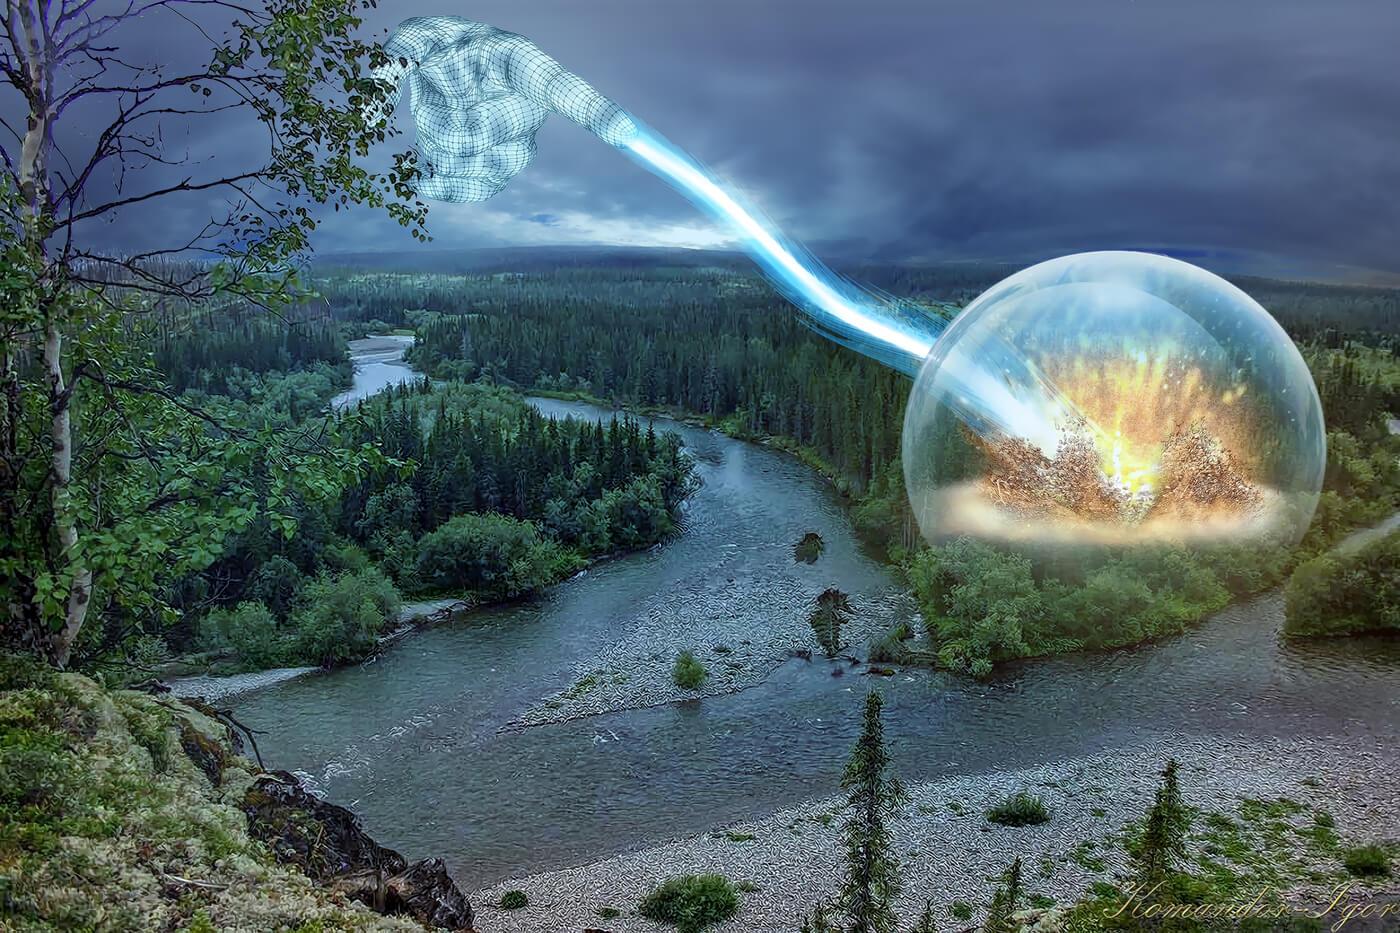 картинки метеорита тунгусский метеорит этот японский